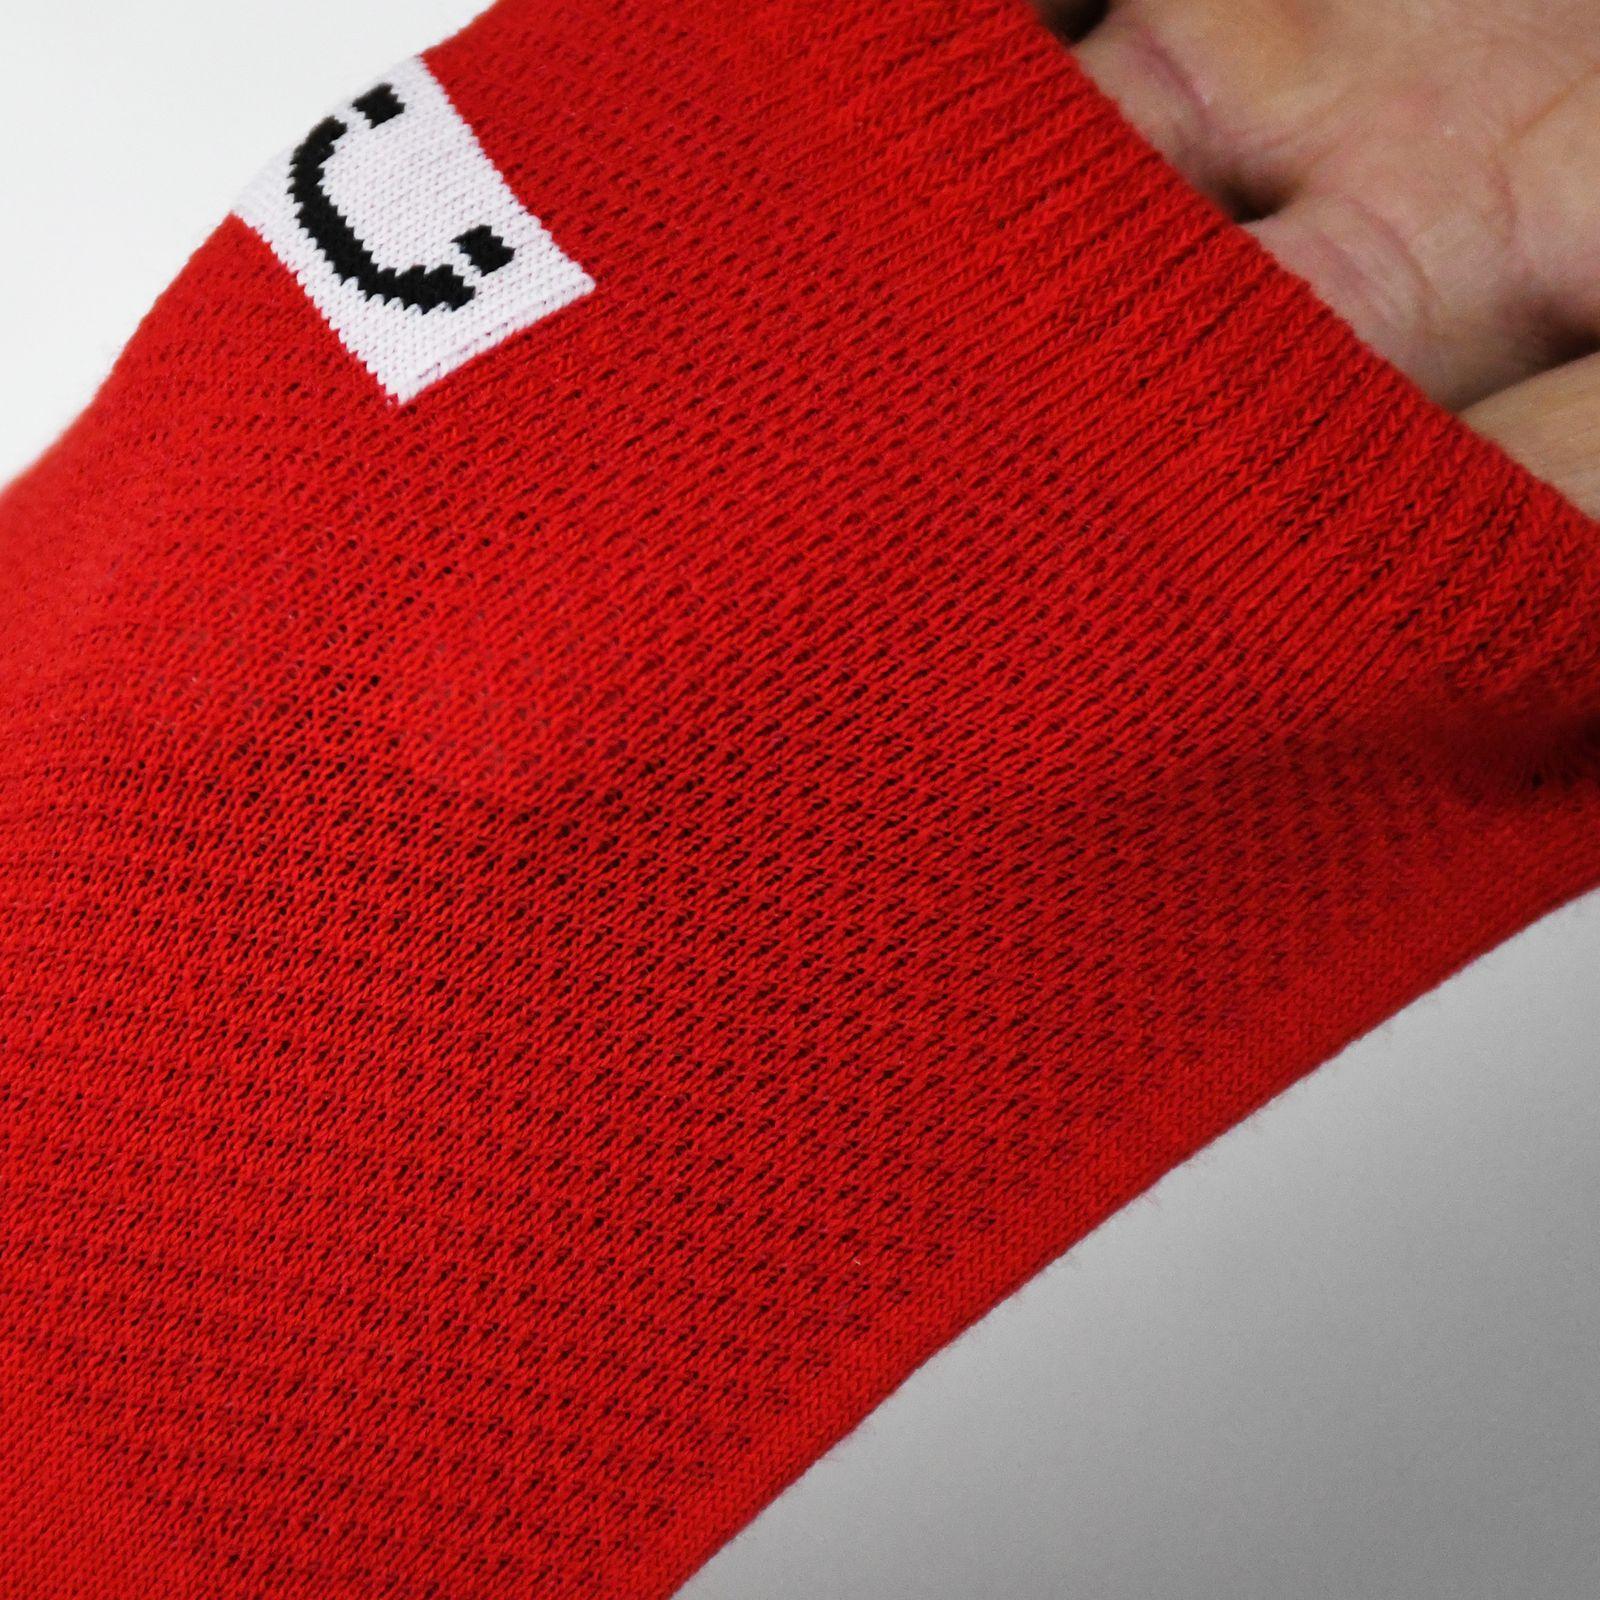 جوراب زنانه فیرو پلاس مدل KL602 مجموعه 6 عددی -  - 1